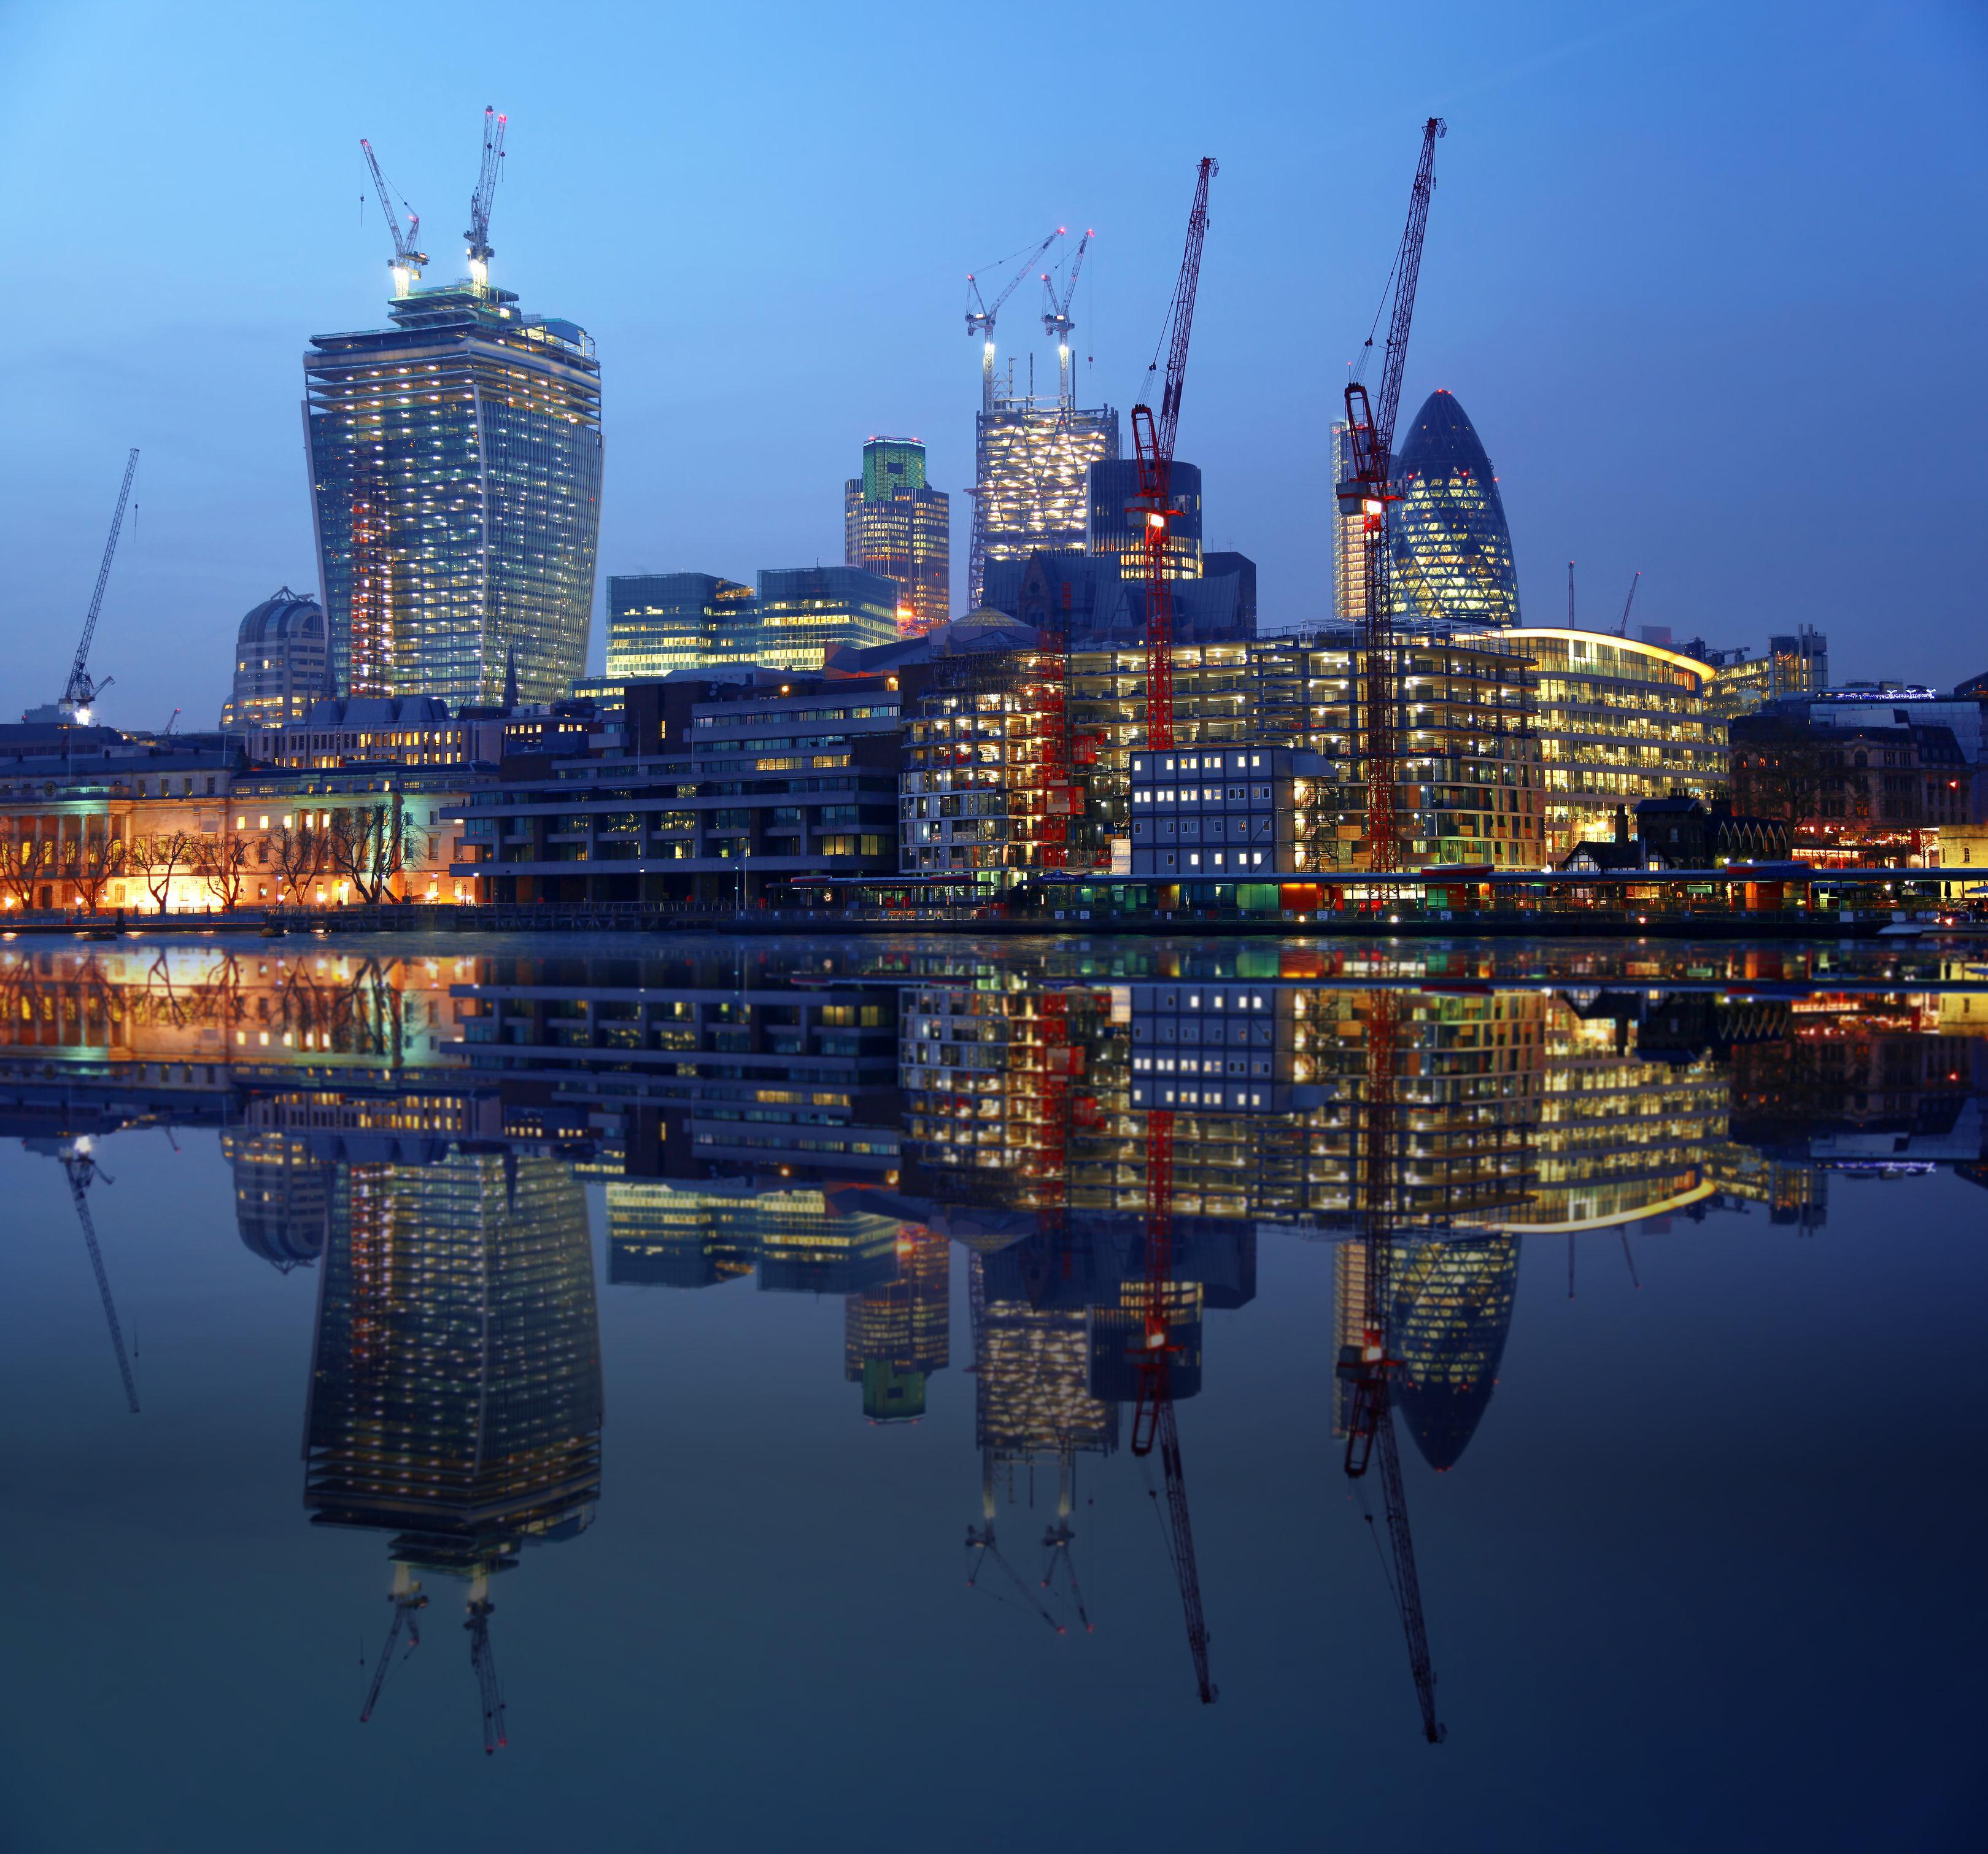 Kvällsbild i London med upplysta byggnader som avspeglas mot vatten.